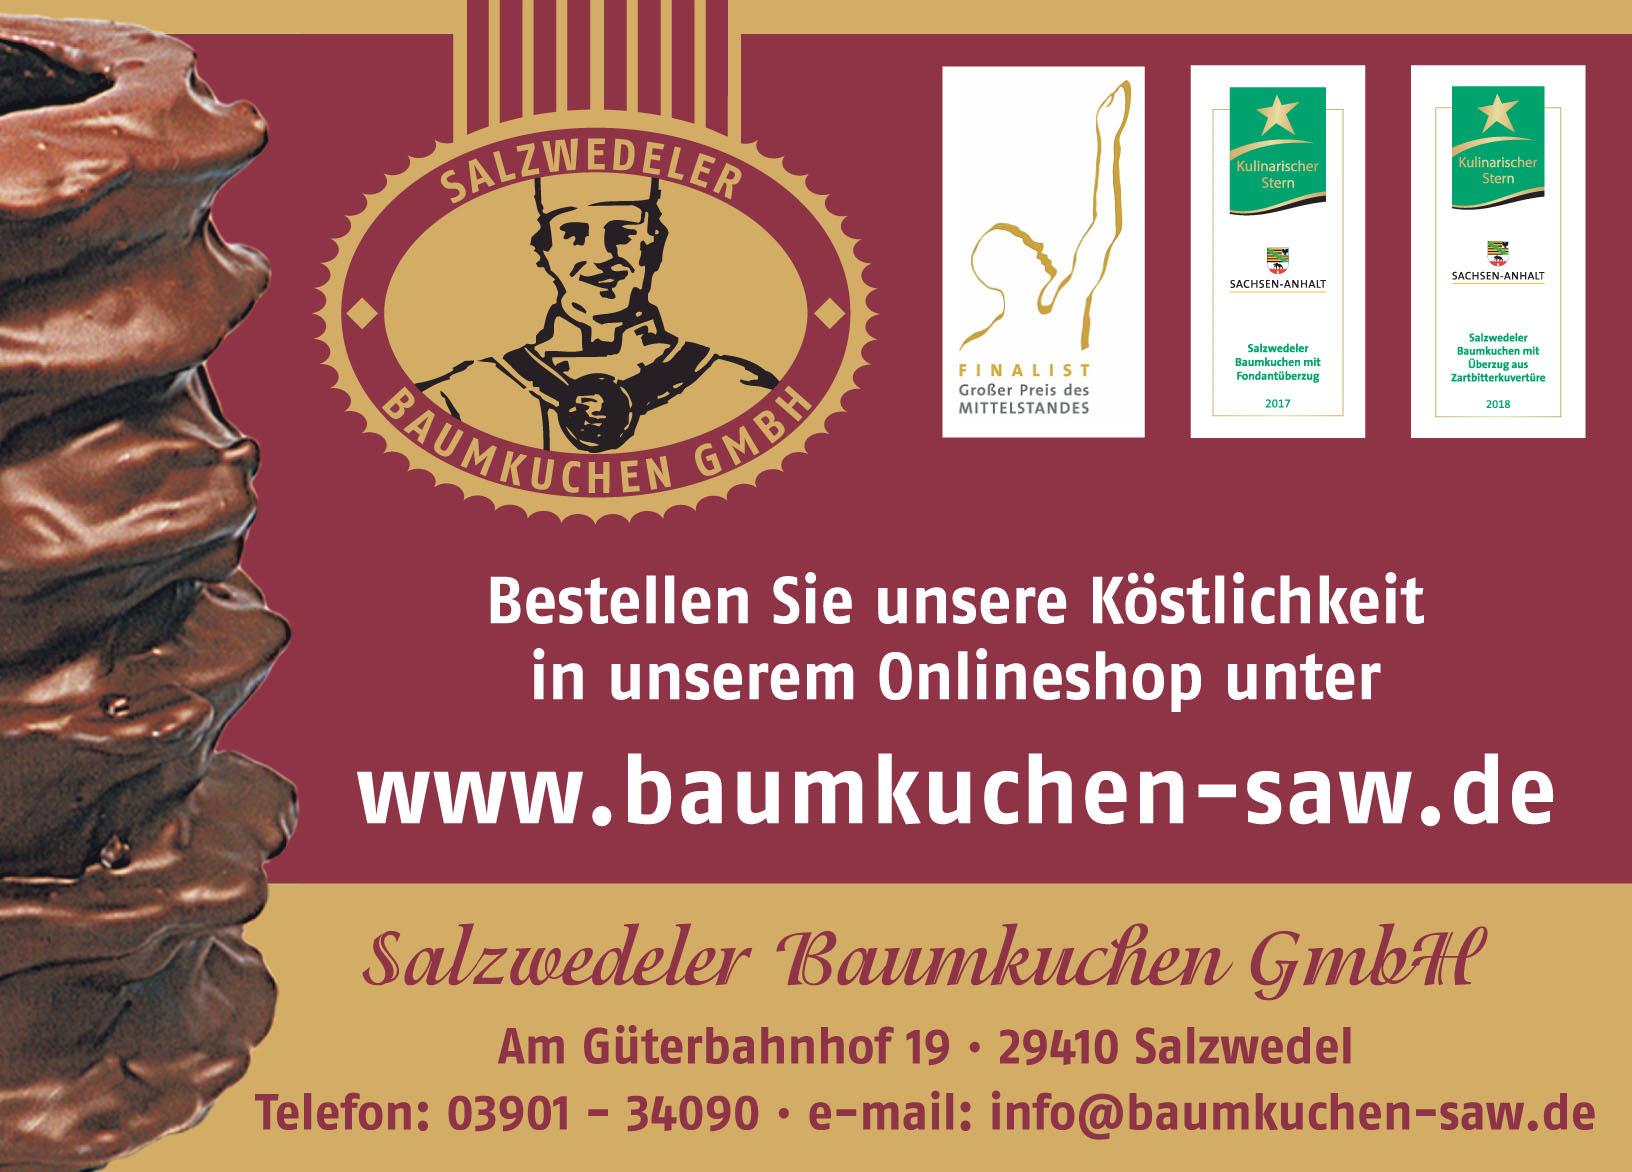 Salzwedeler Baumkuchen GmbH